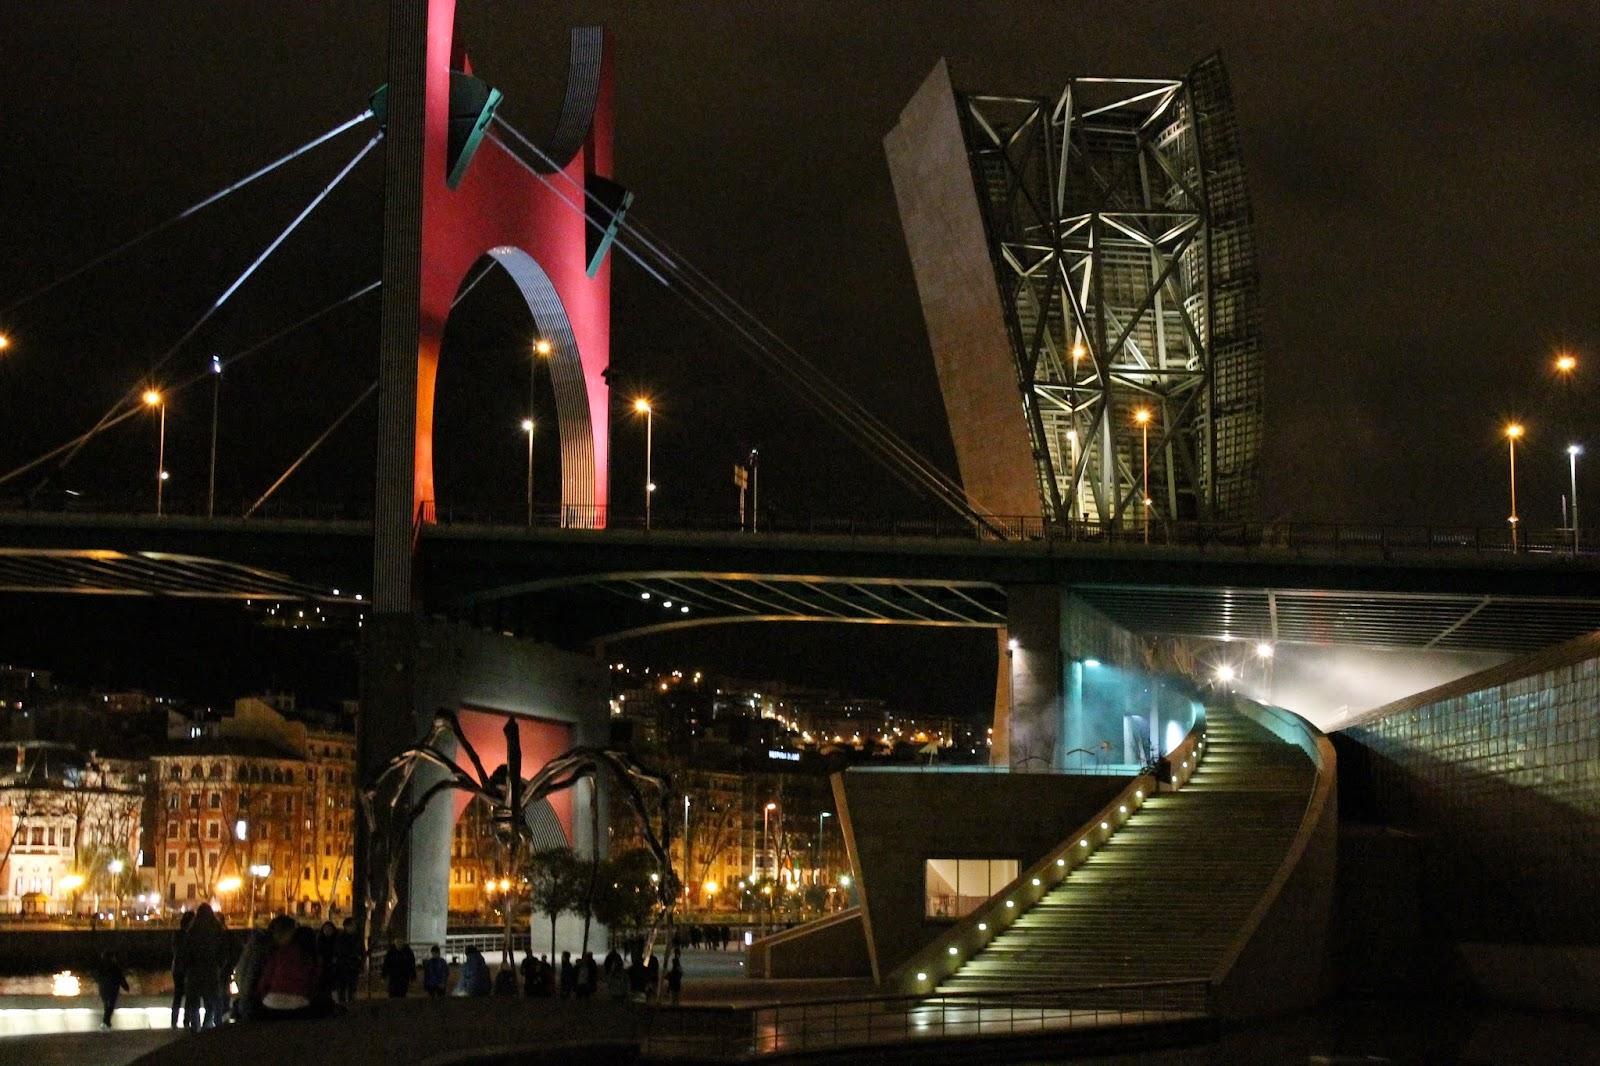 Vistas de noche en Guggenheim Bilbao